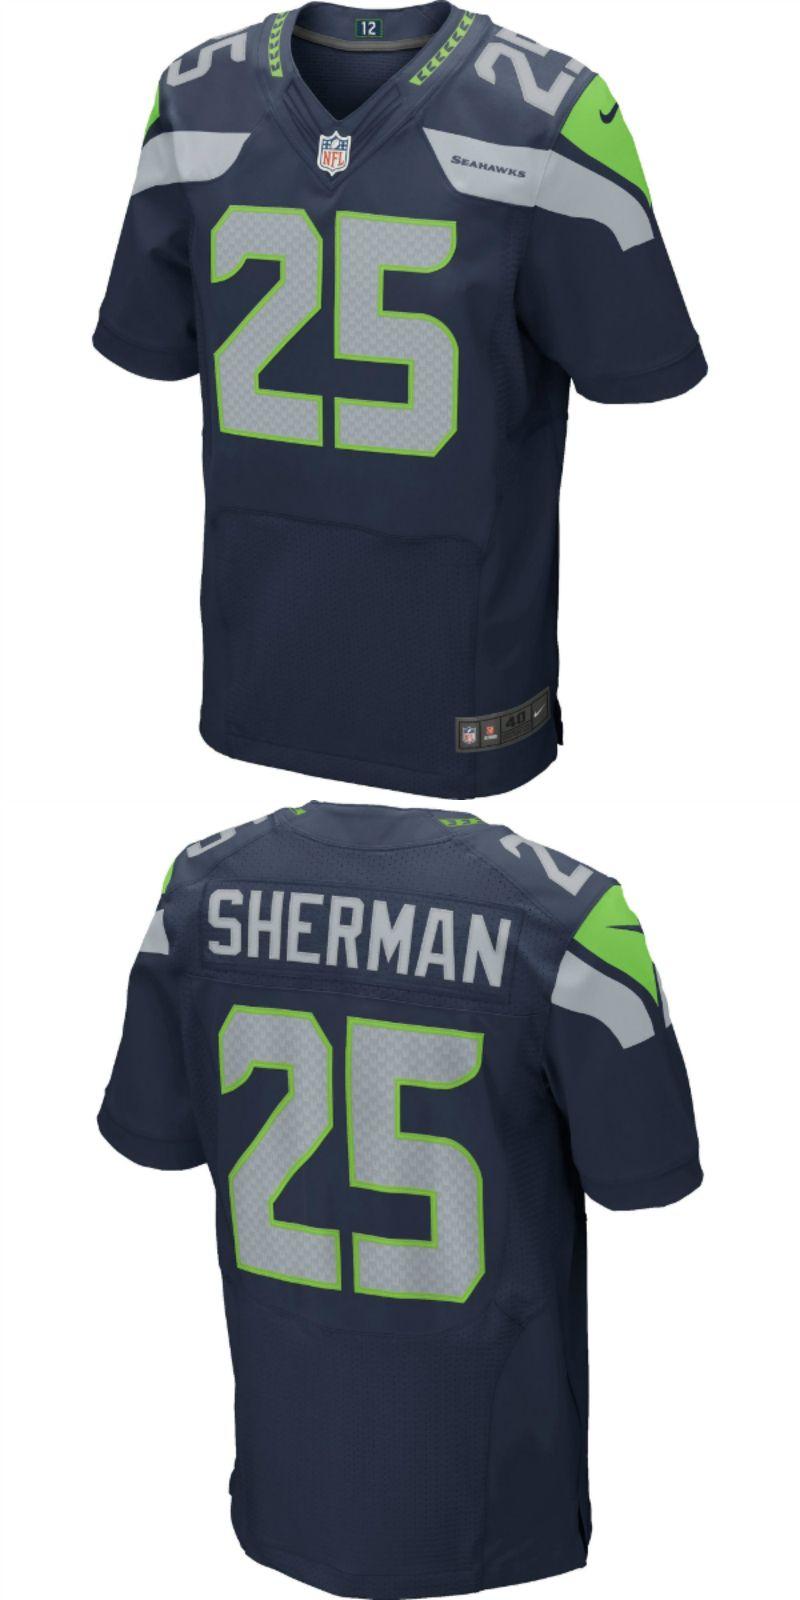 best service 0c134 1d09a Richard Sherman Seattle Seahawks Football Jersey | NFL ...